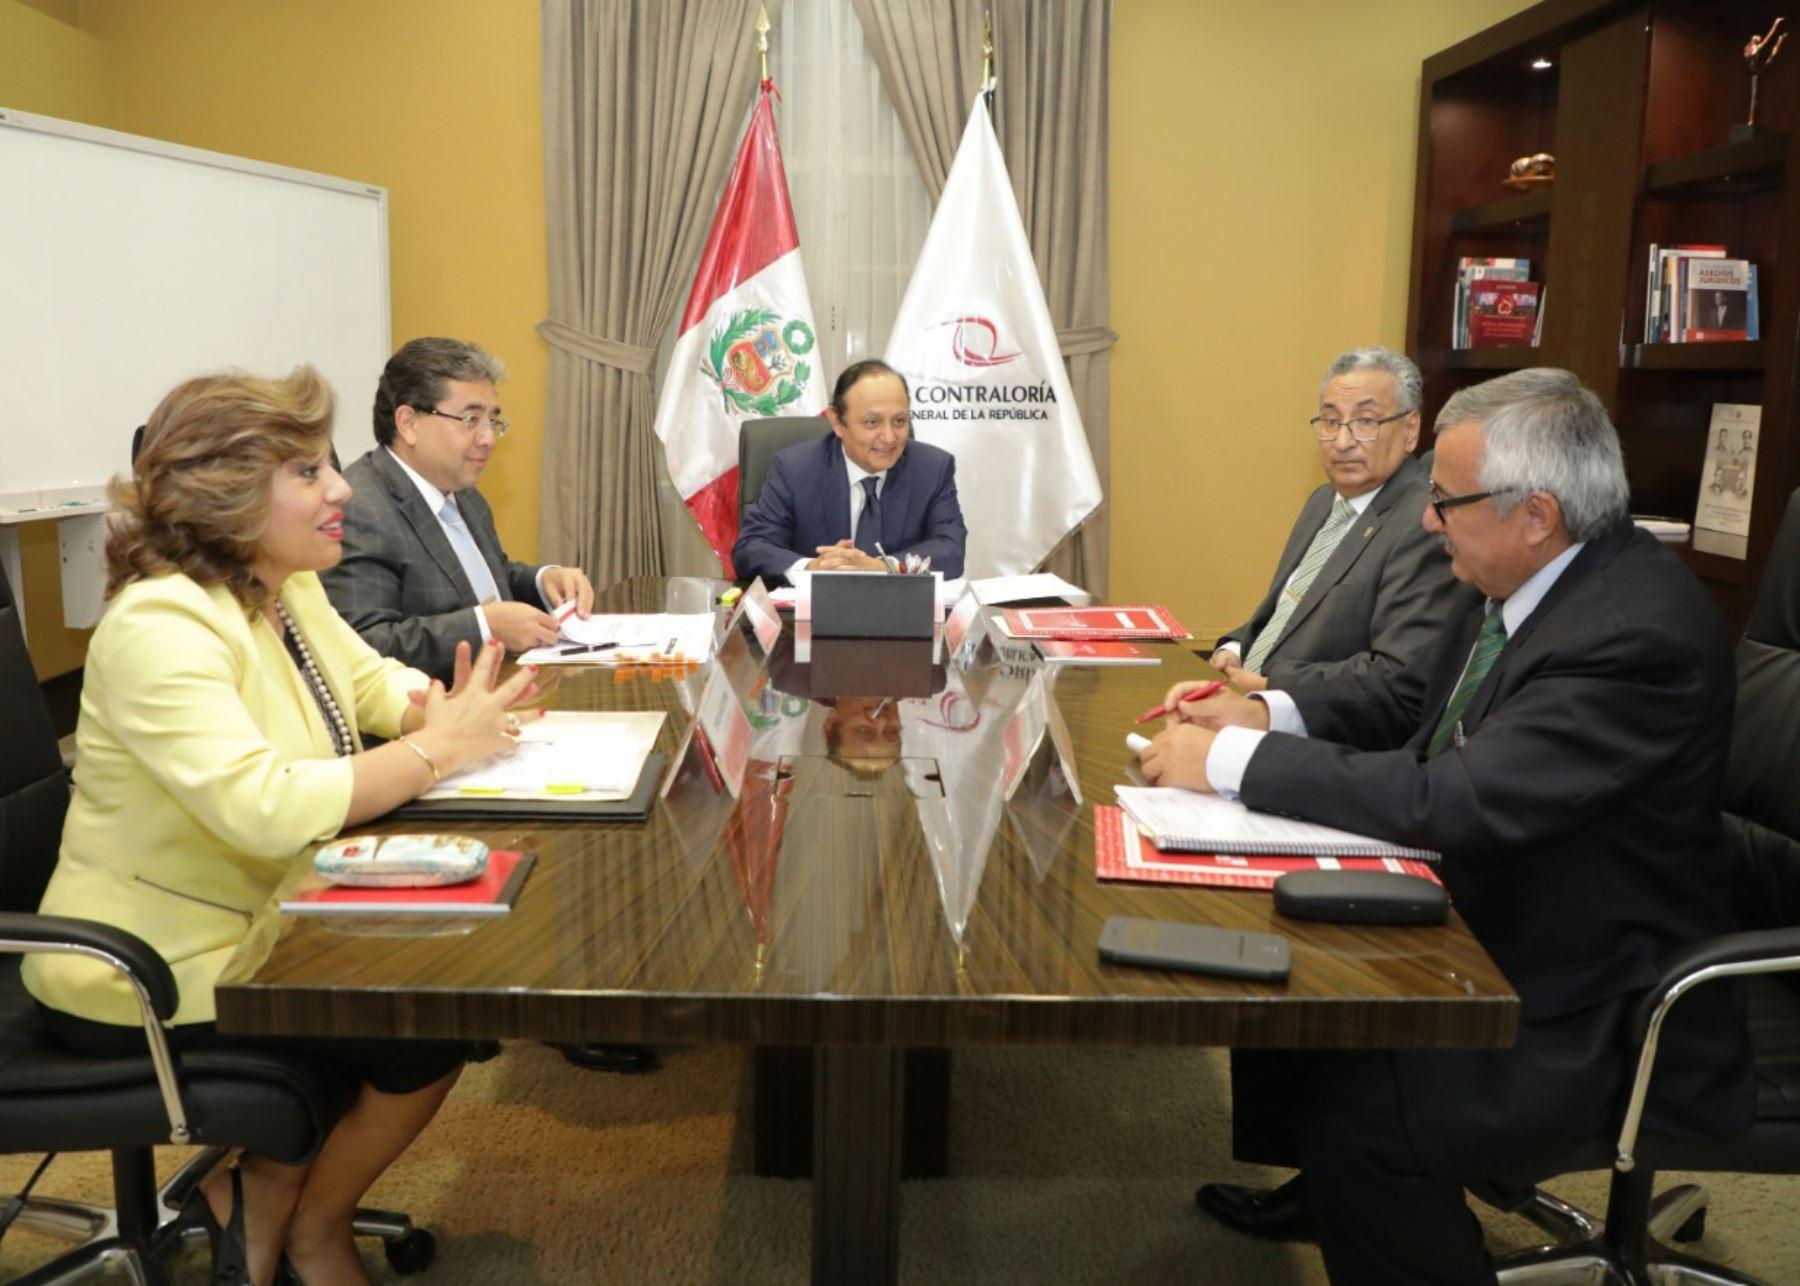 Comisión Especial encargada de elegir próximamente a los integrantes de la Junta Nacional de Justicia (JNJ).